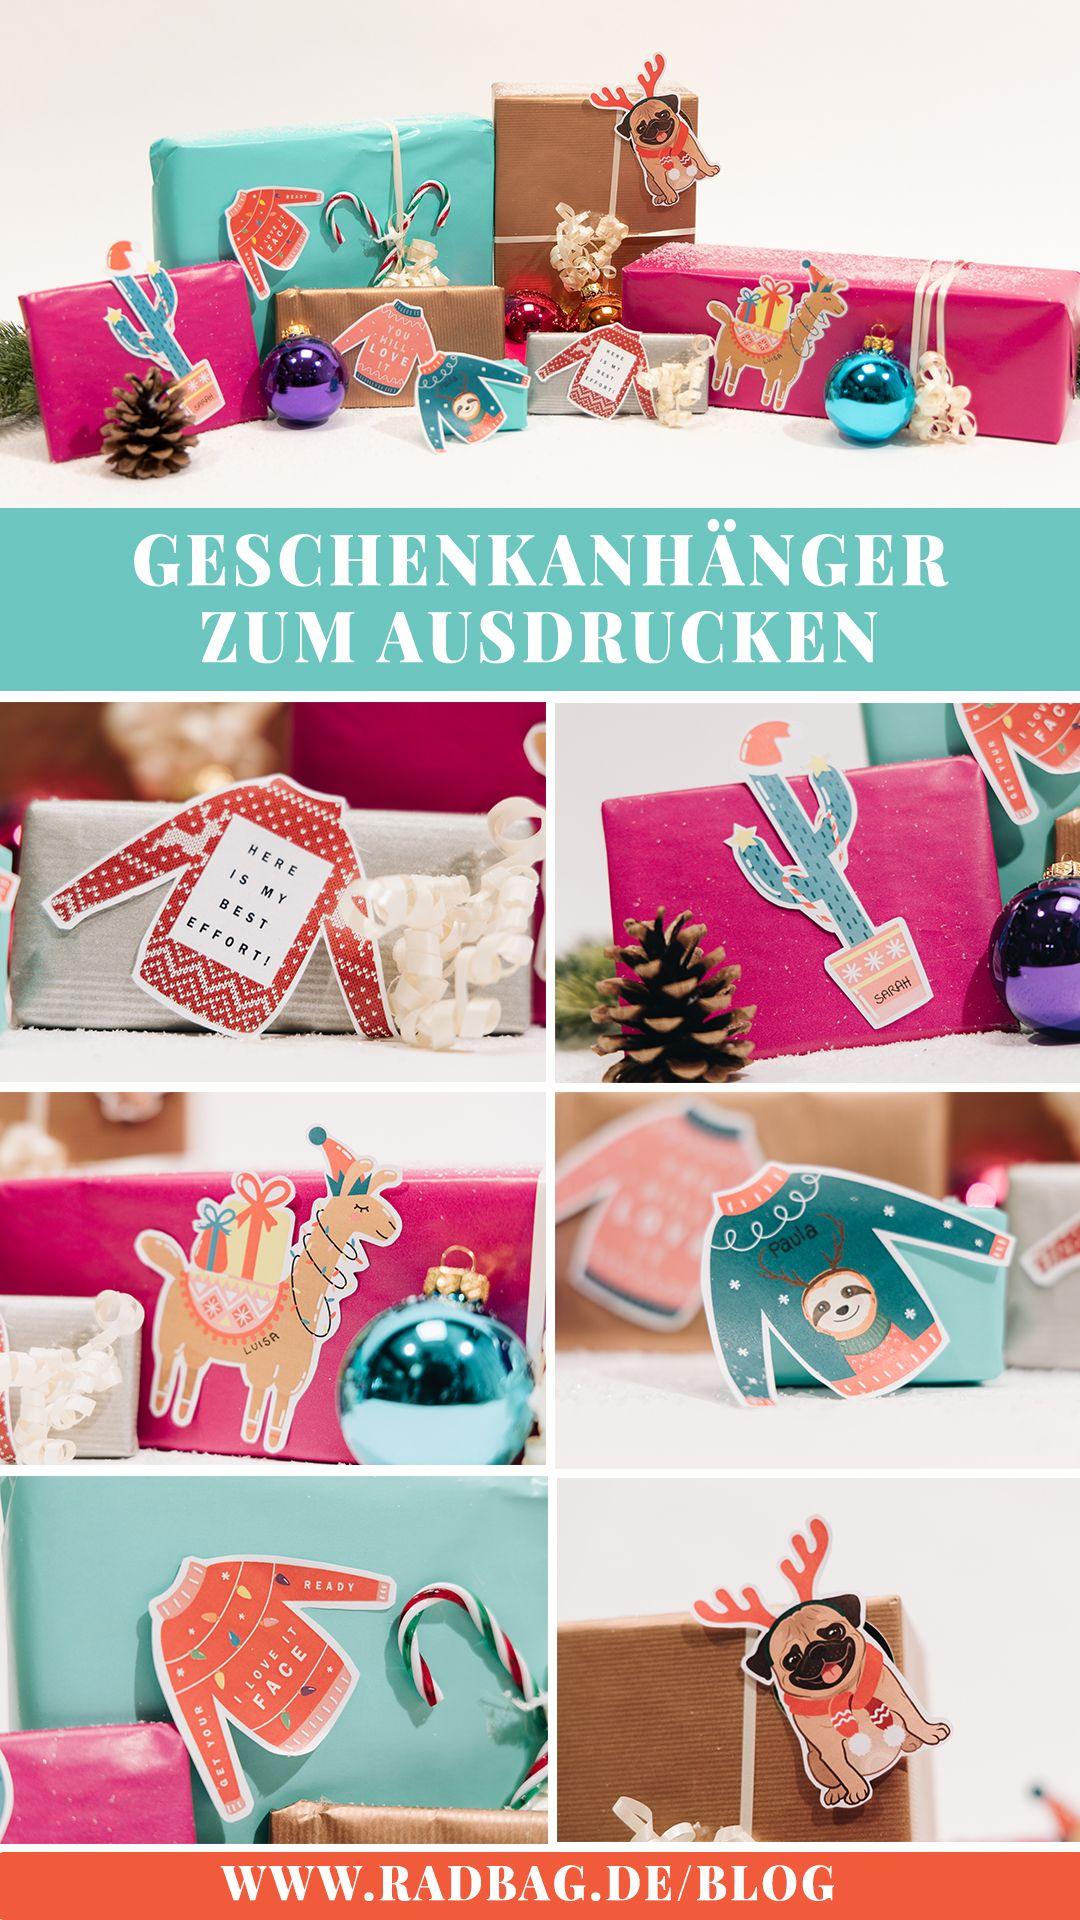 witzige geschenkanhänger zum ausdrucken für weihnachten